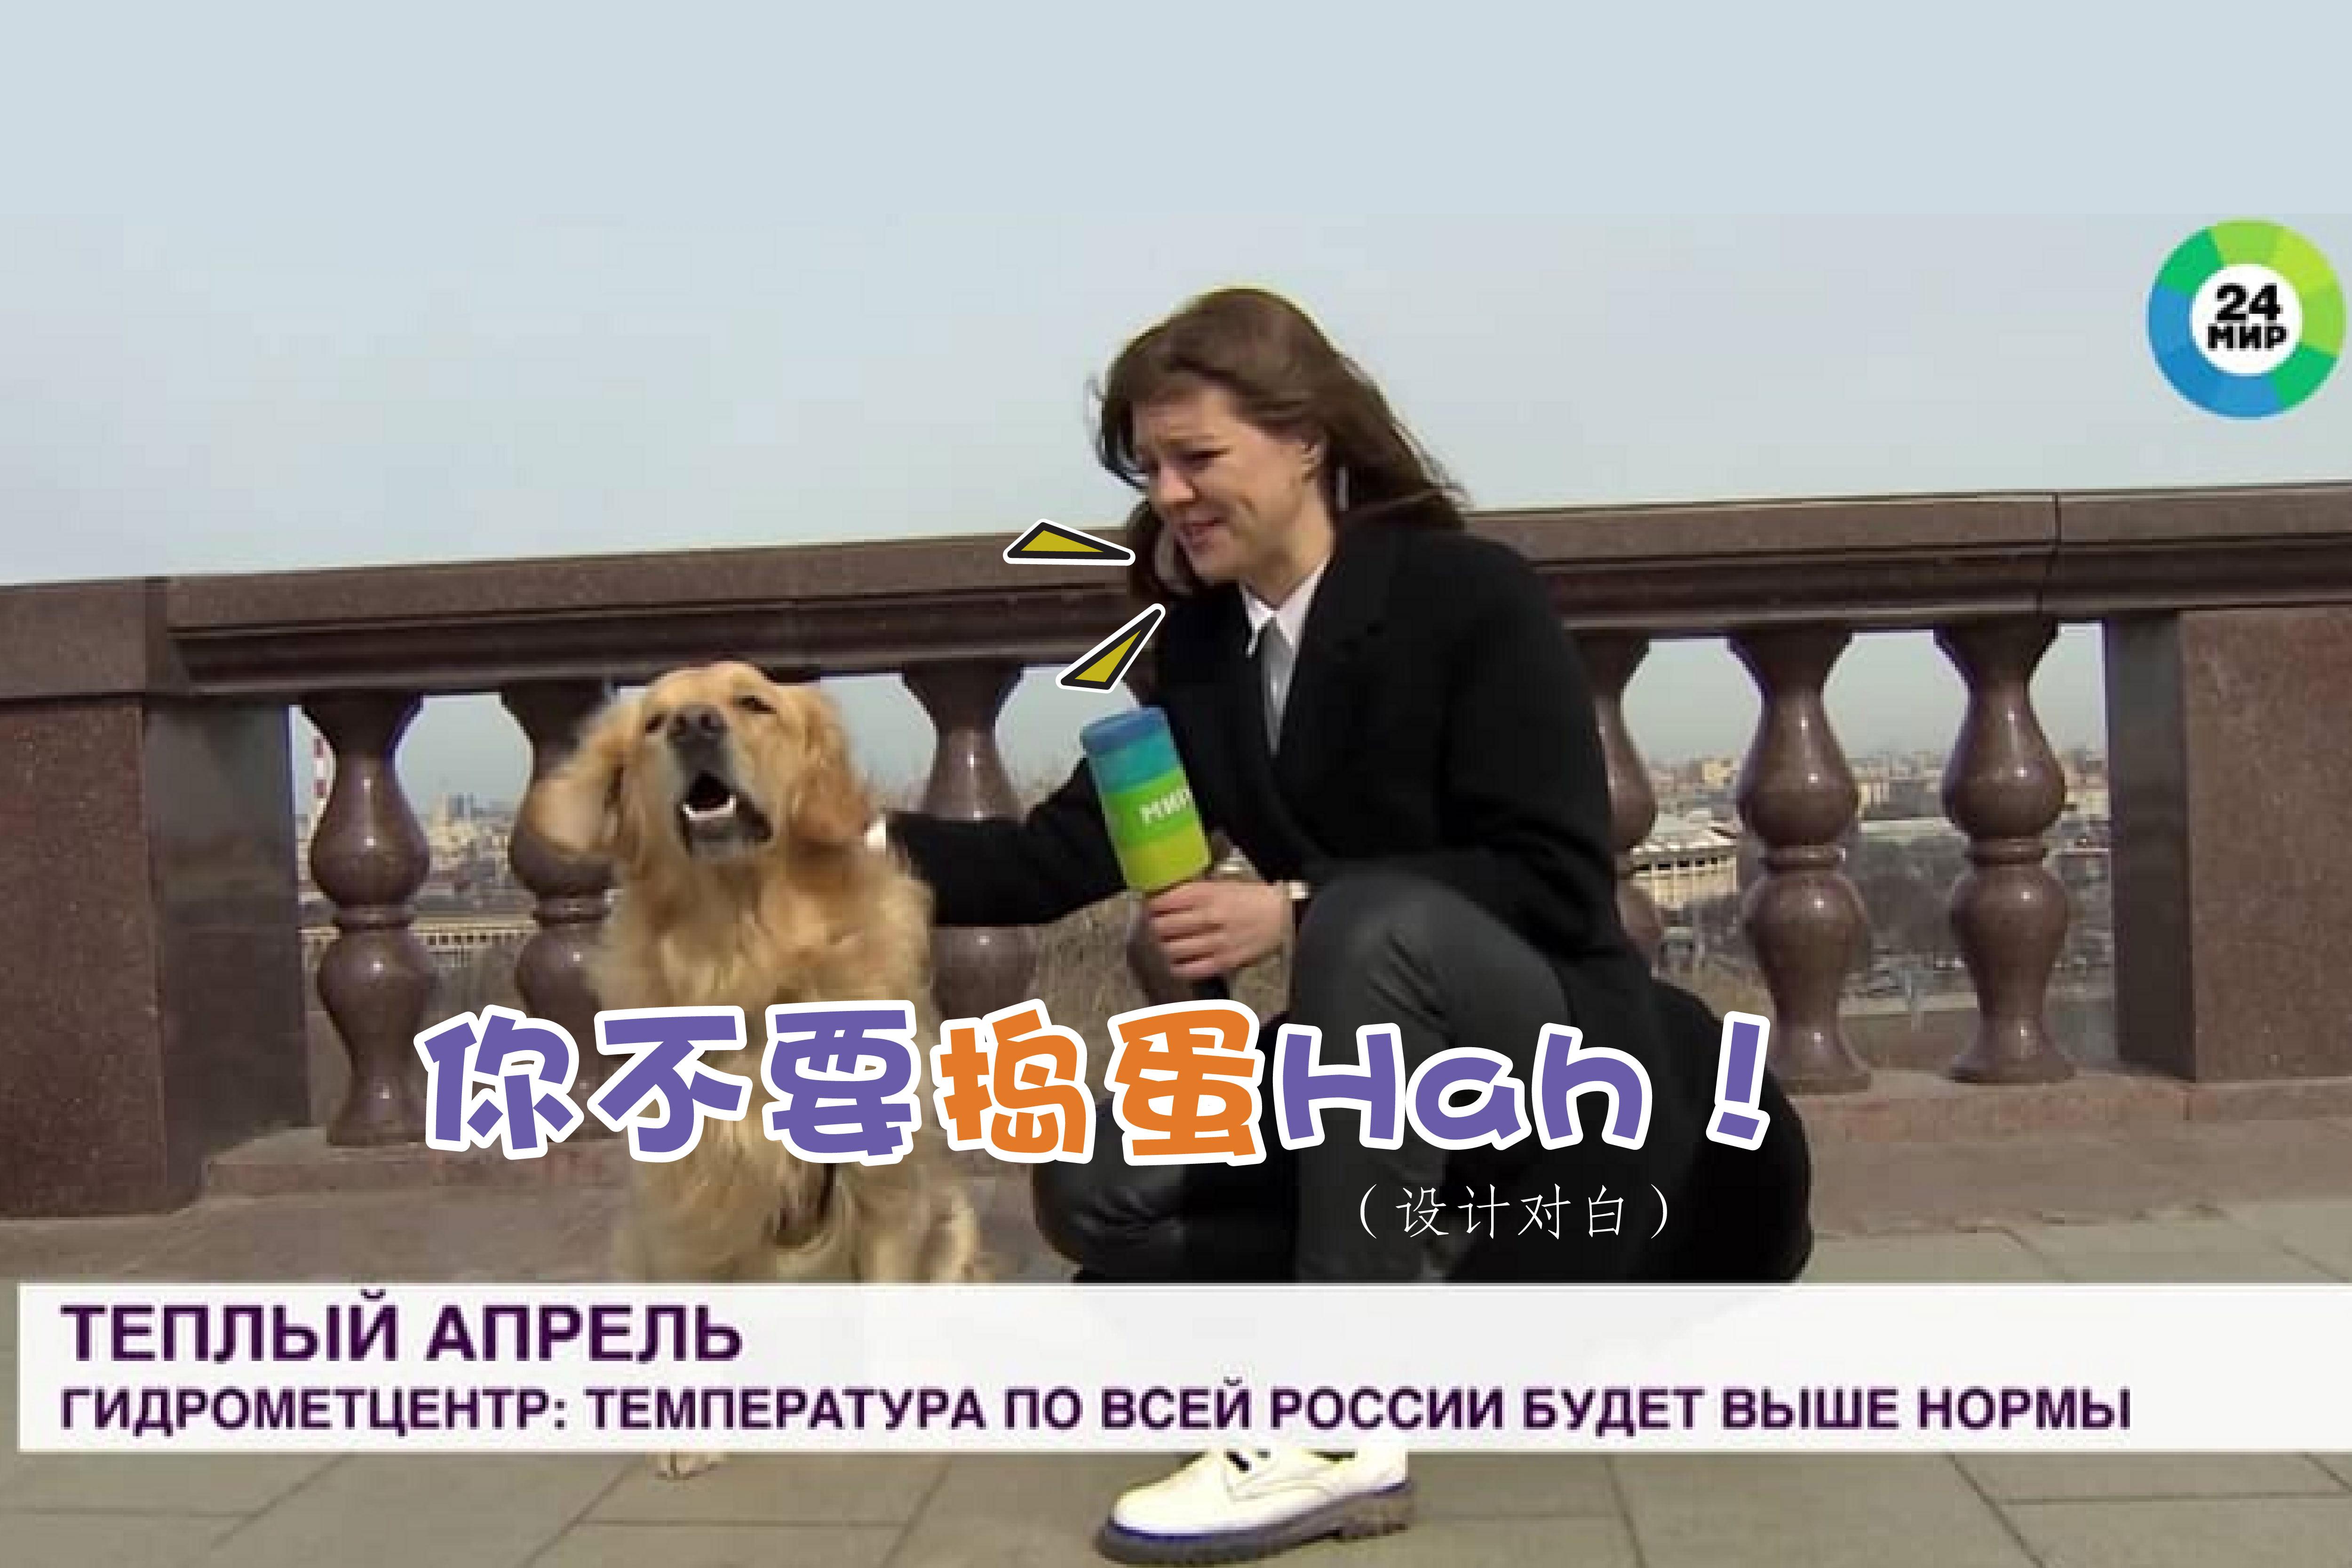 """俄罗斯电视台女记者娜德兹达在""""追回""""自己的麦克风后,还很尽责完成她的户外天气直播。-Youtube视频截屏/精彩大马制图-"""